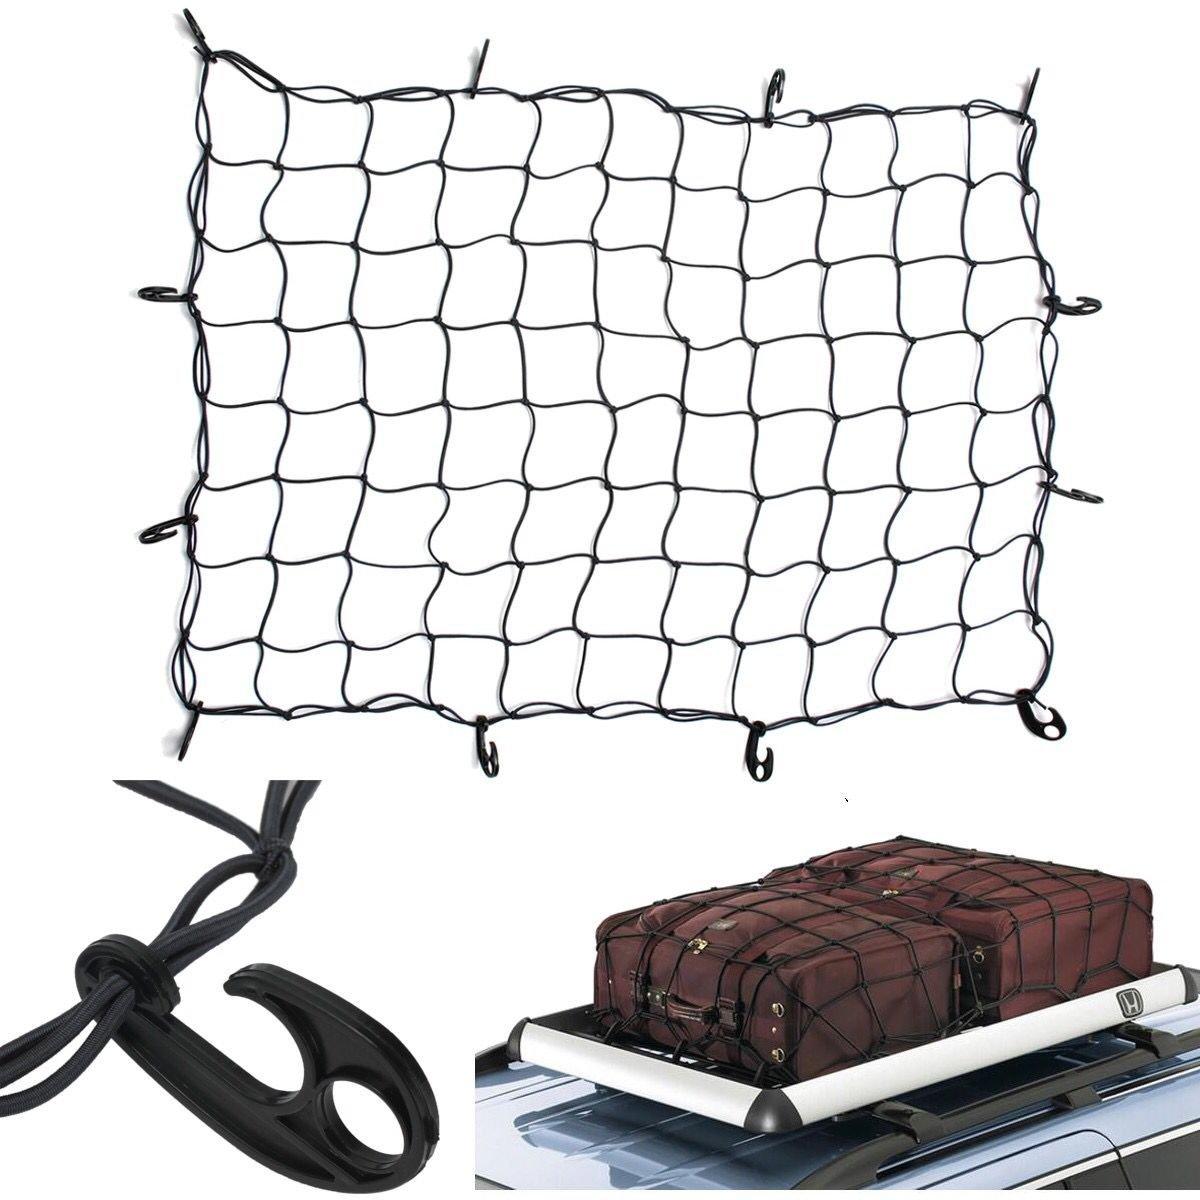 Tebery Cargo Net with 12 Hooks Elasticated Bungee Cargo Net Auto Roof Tie-Down Net Heavy Duty Truck Bed Net (47'' x 36'')